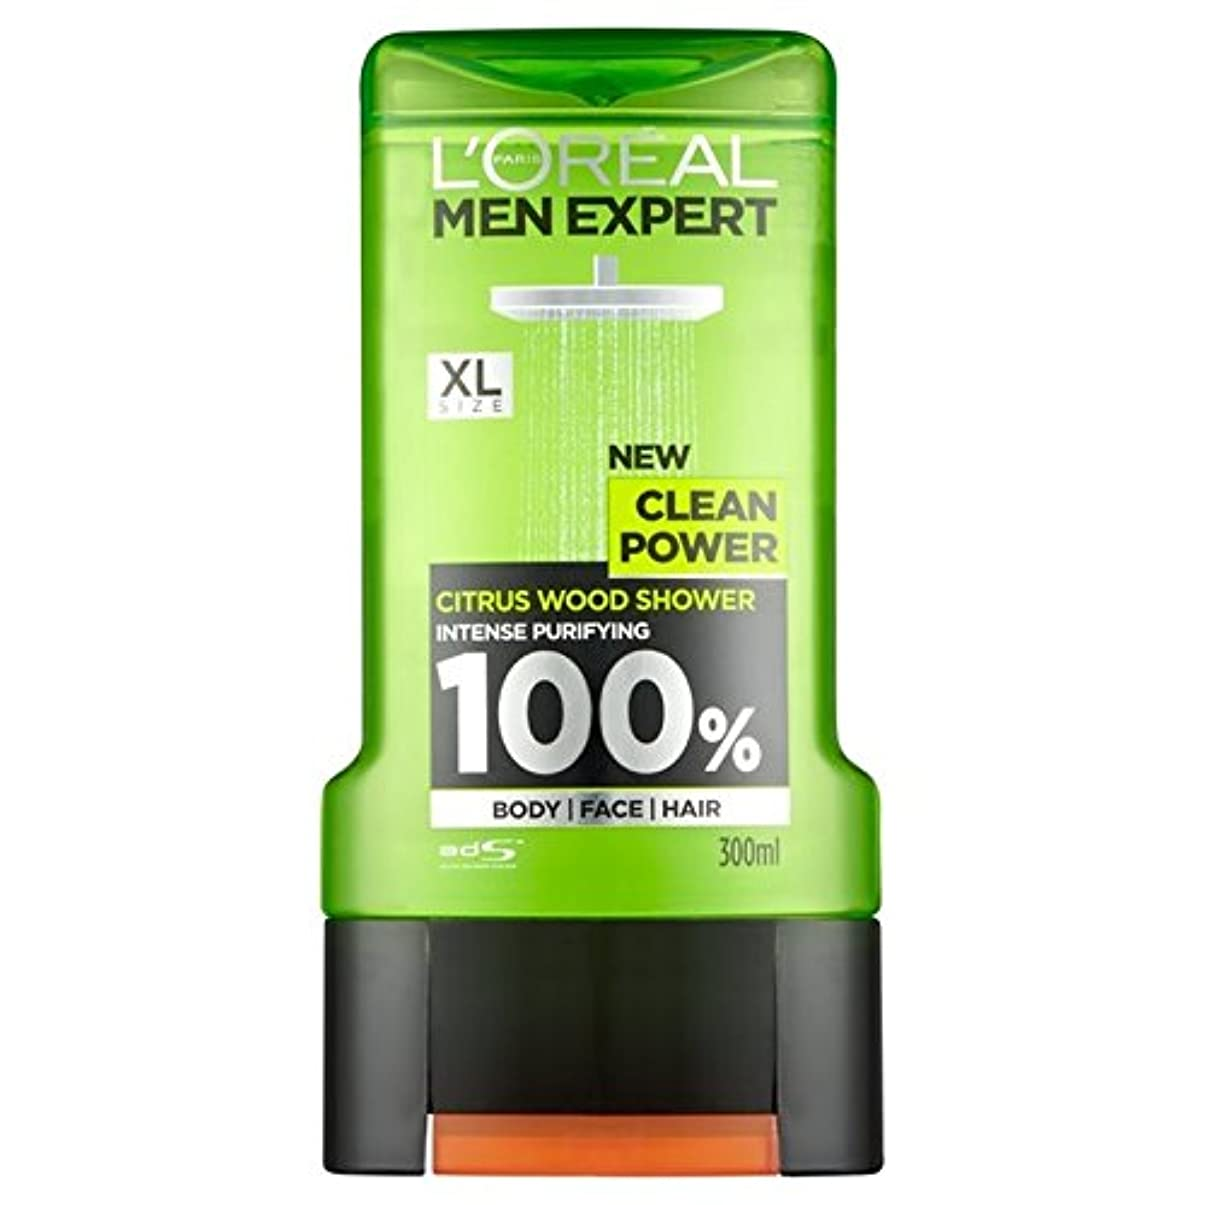 判読できない代名詞ドラッグロレアルパリの男性の専門家クリーンパワーシャワージェル300ミリリットル x2 - L'Oreal Paris Men Expert Clean Power Shower Gel 300ml (Pack of 2) [並行輸入品]